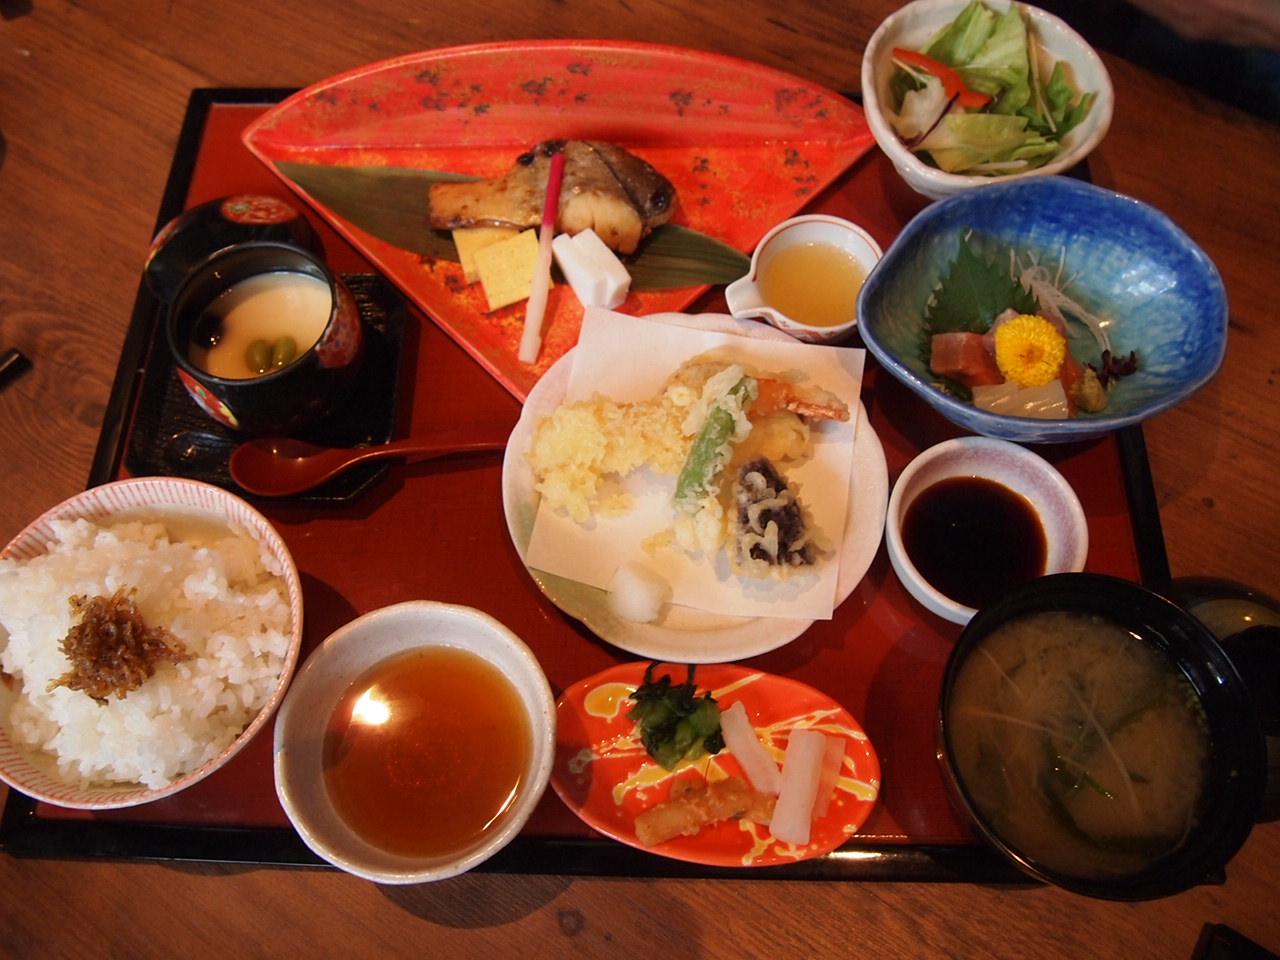 音羽茶屋 芦屋店   海鮮料理、懐石・会席料理_d0083265_22255012.jpg